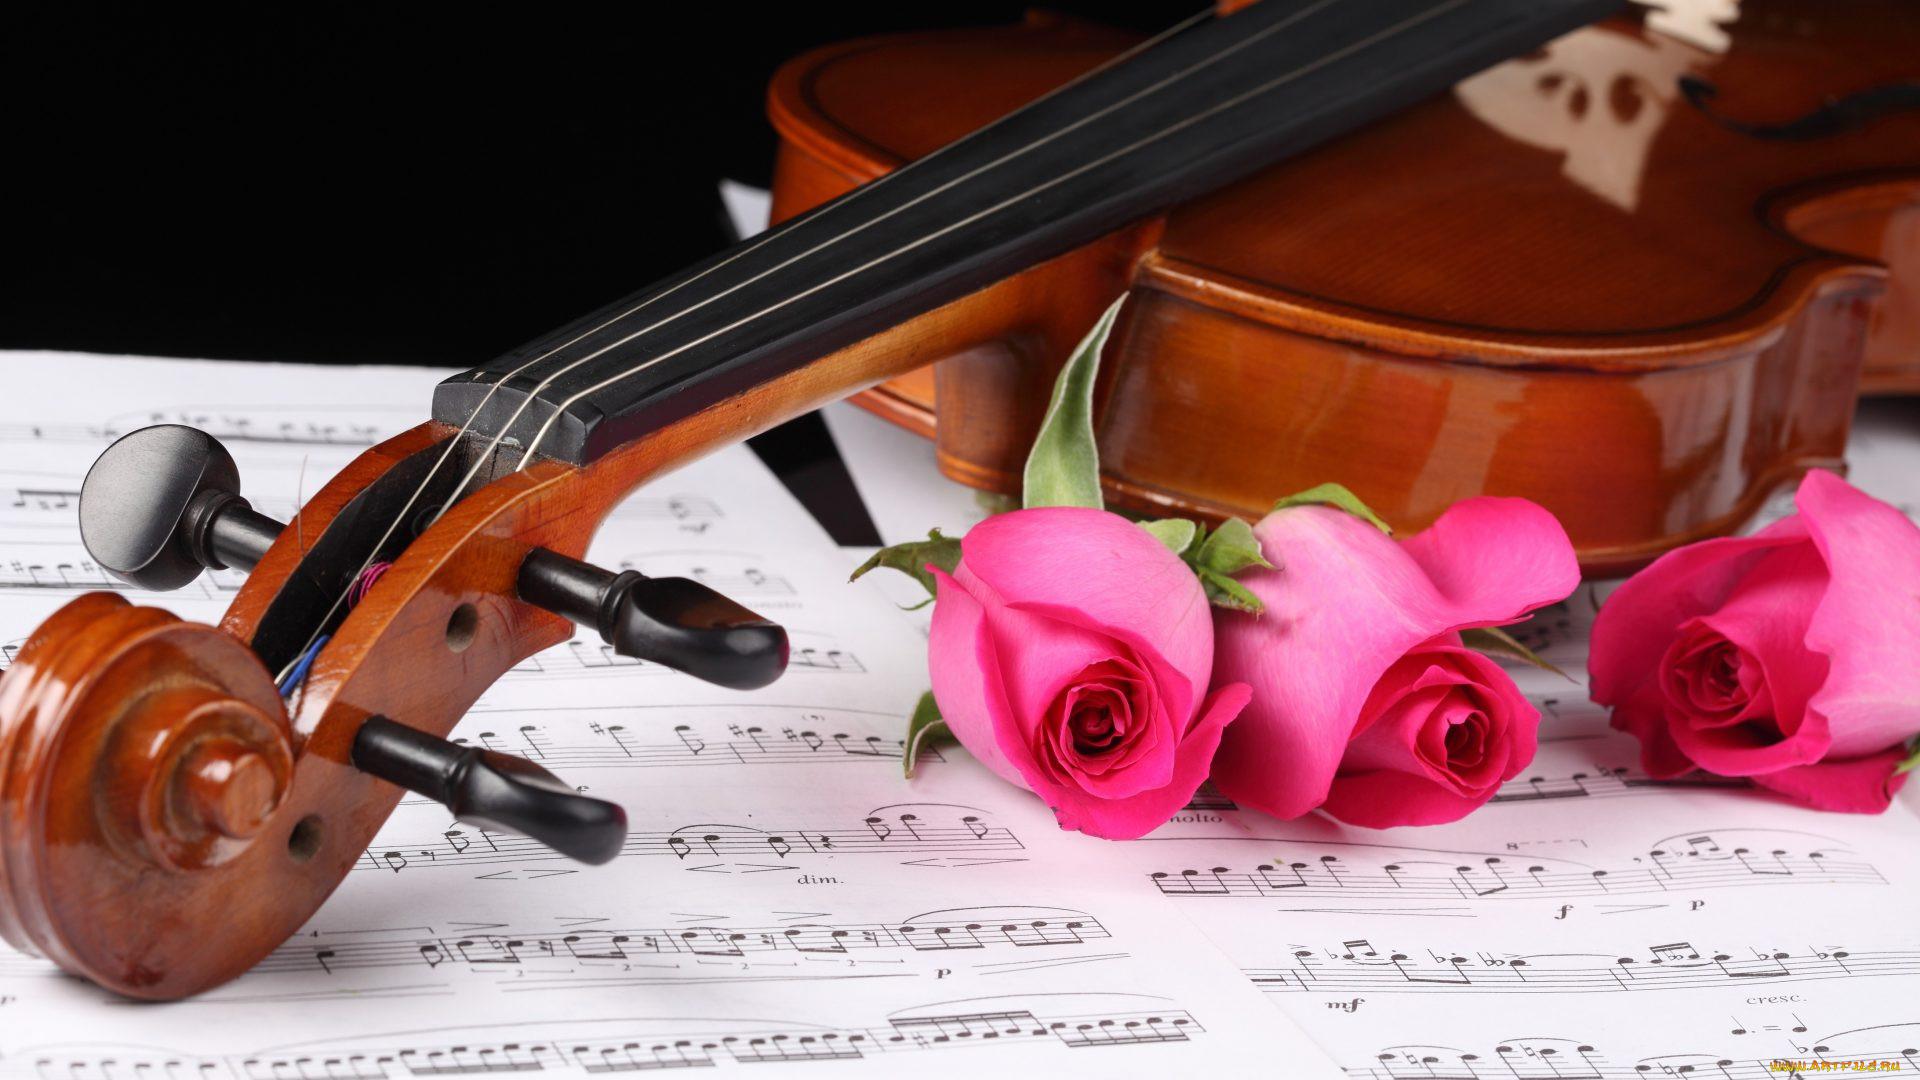 фото скрипки с нотами один совет